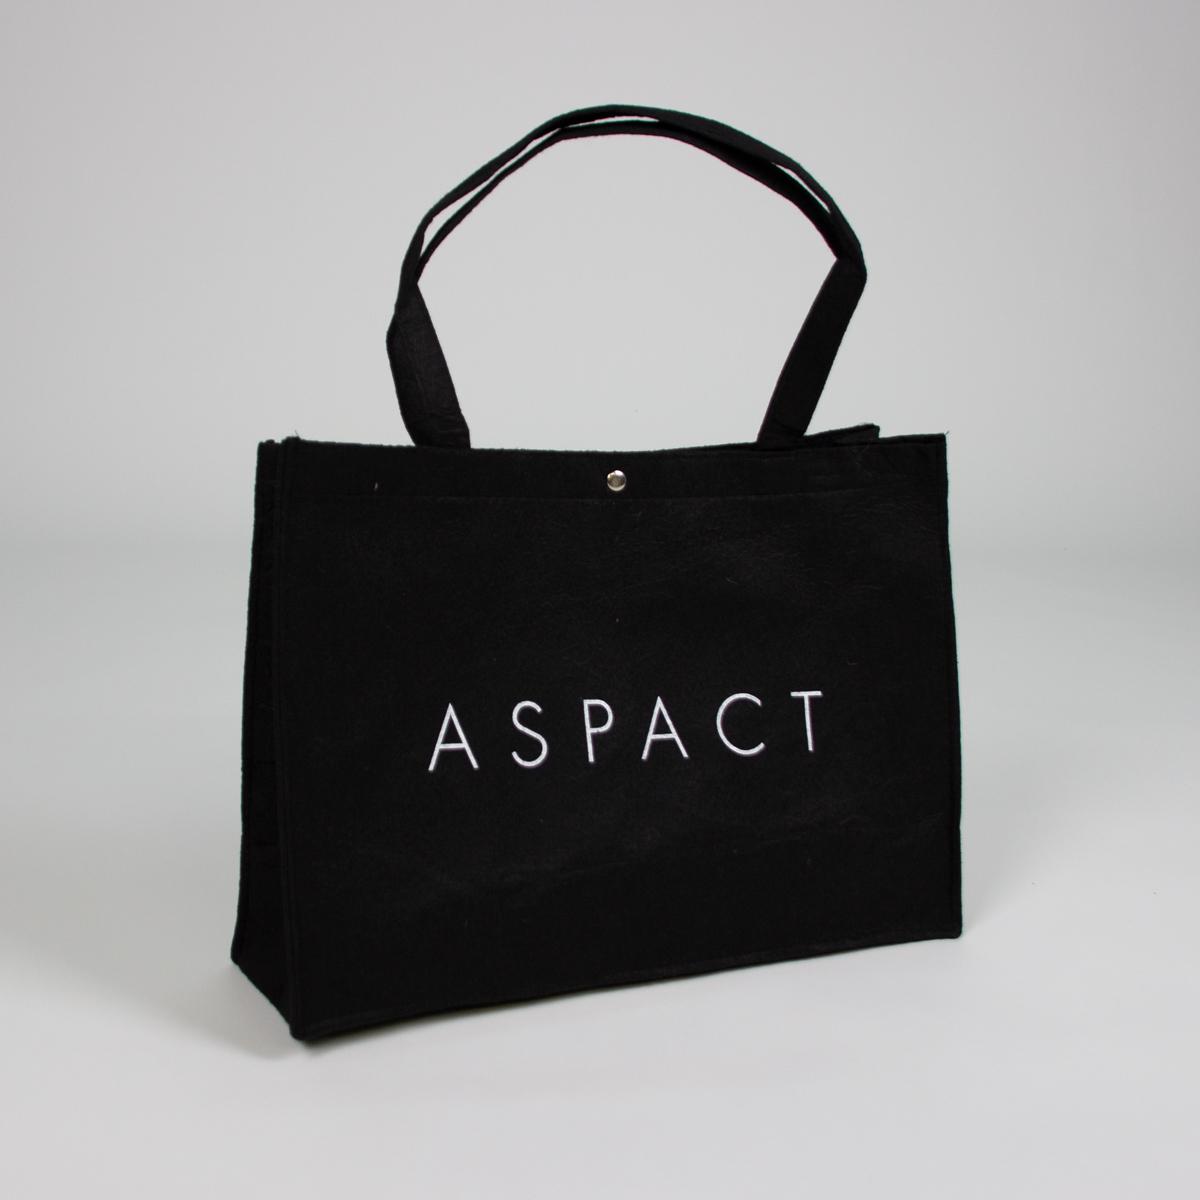 vilt-aspact-zwart